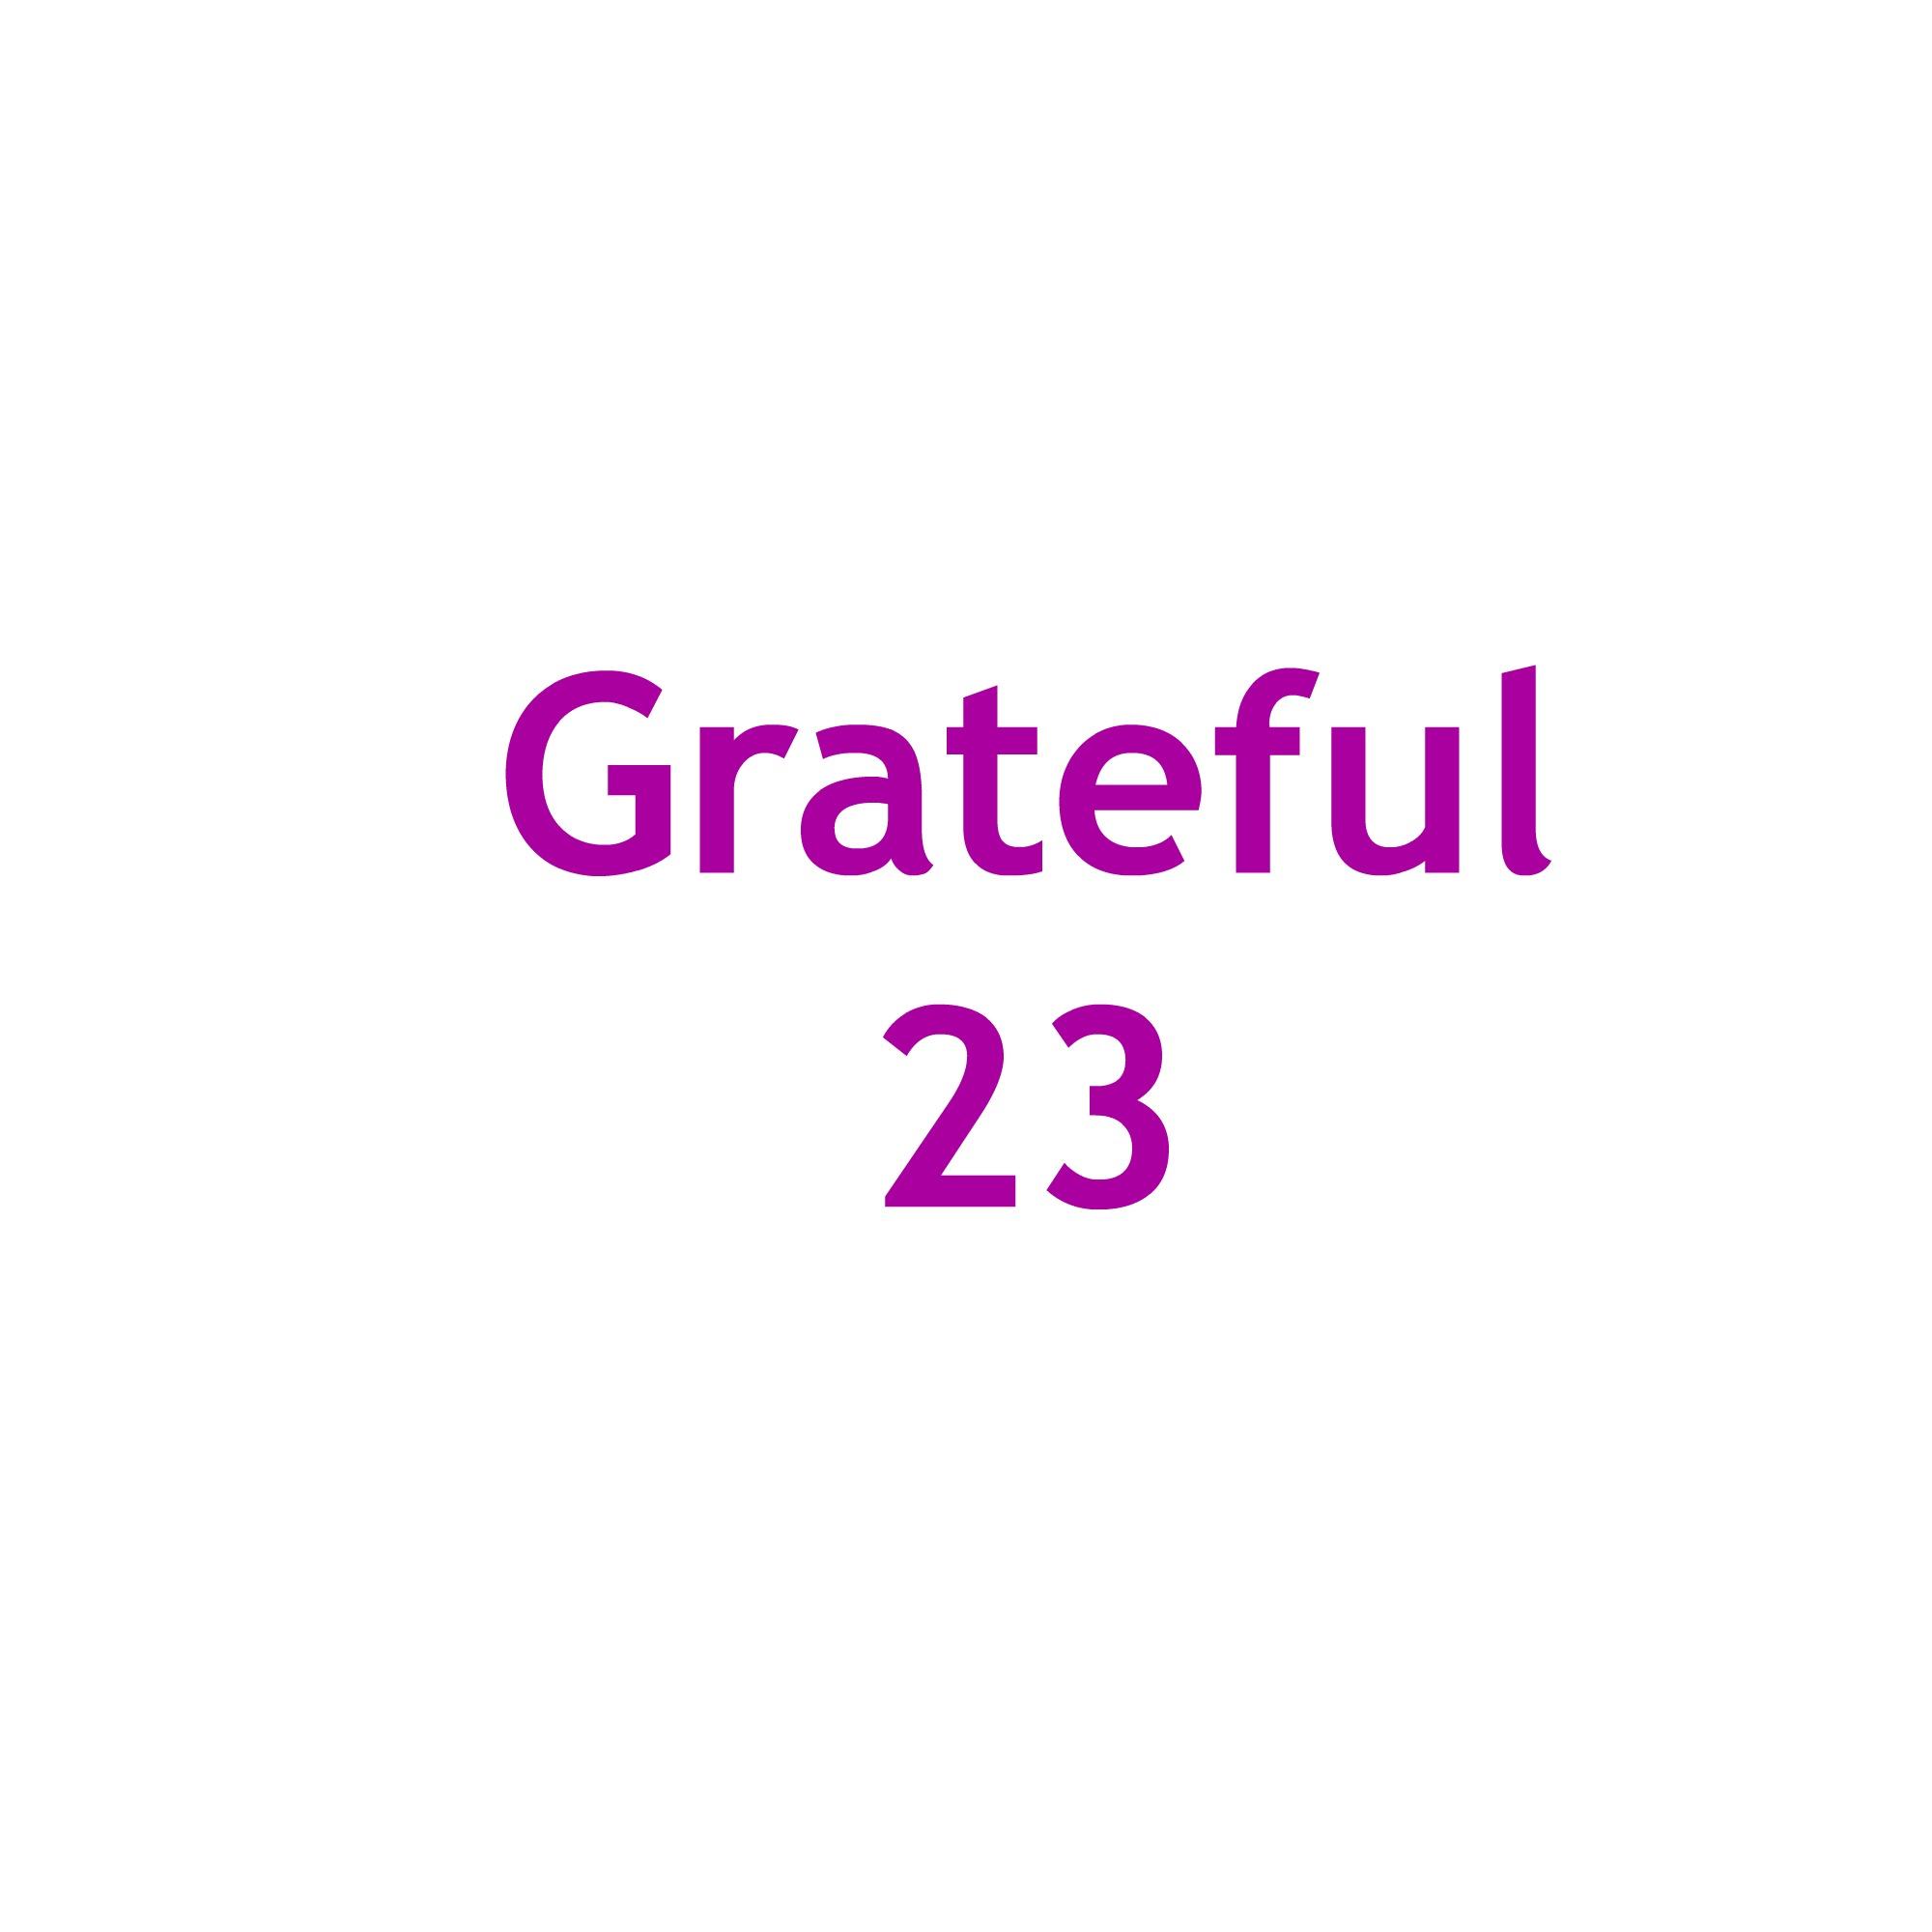 Grateful 23